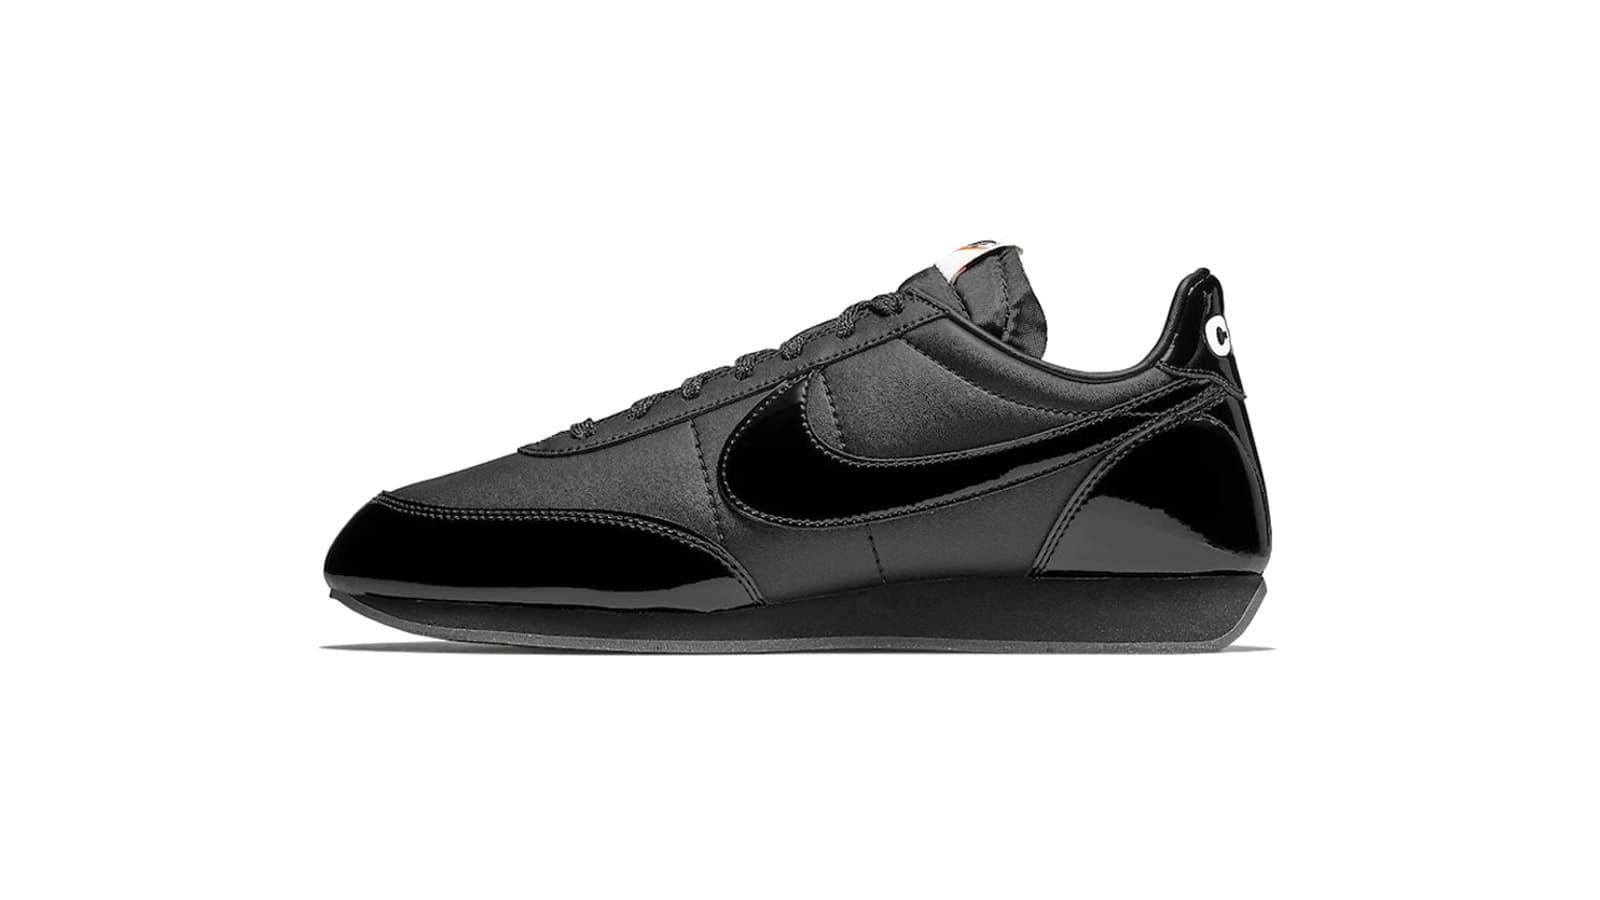 grande vente ec0c5 217a0 END. Features | Nike x Comme des Garcons Black Night Track ...